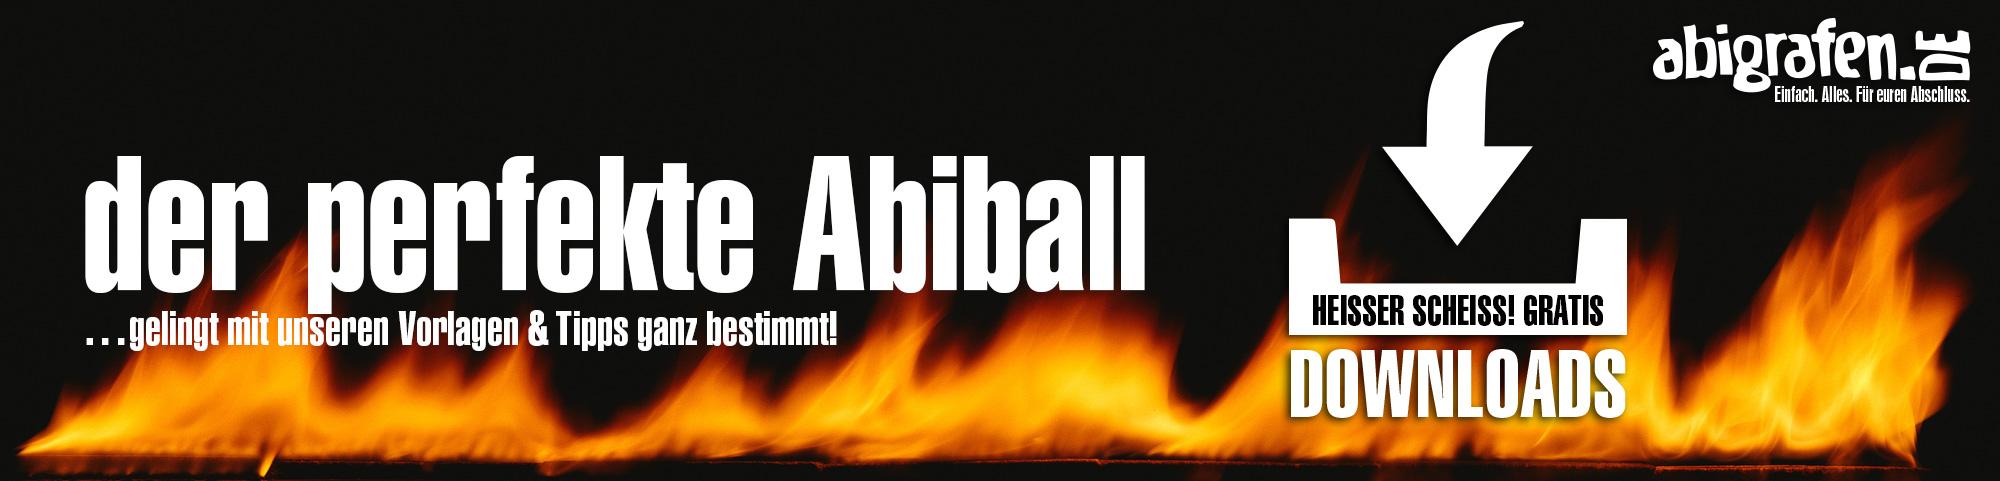 Vorlagen, Tipps & Dokumente für den Abiball - abigrafen.de